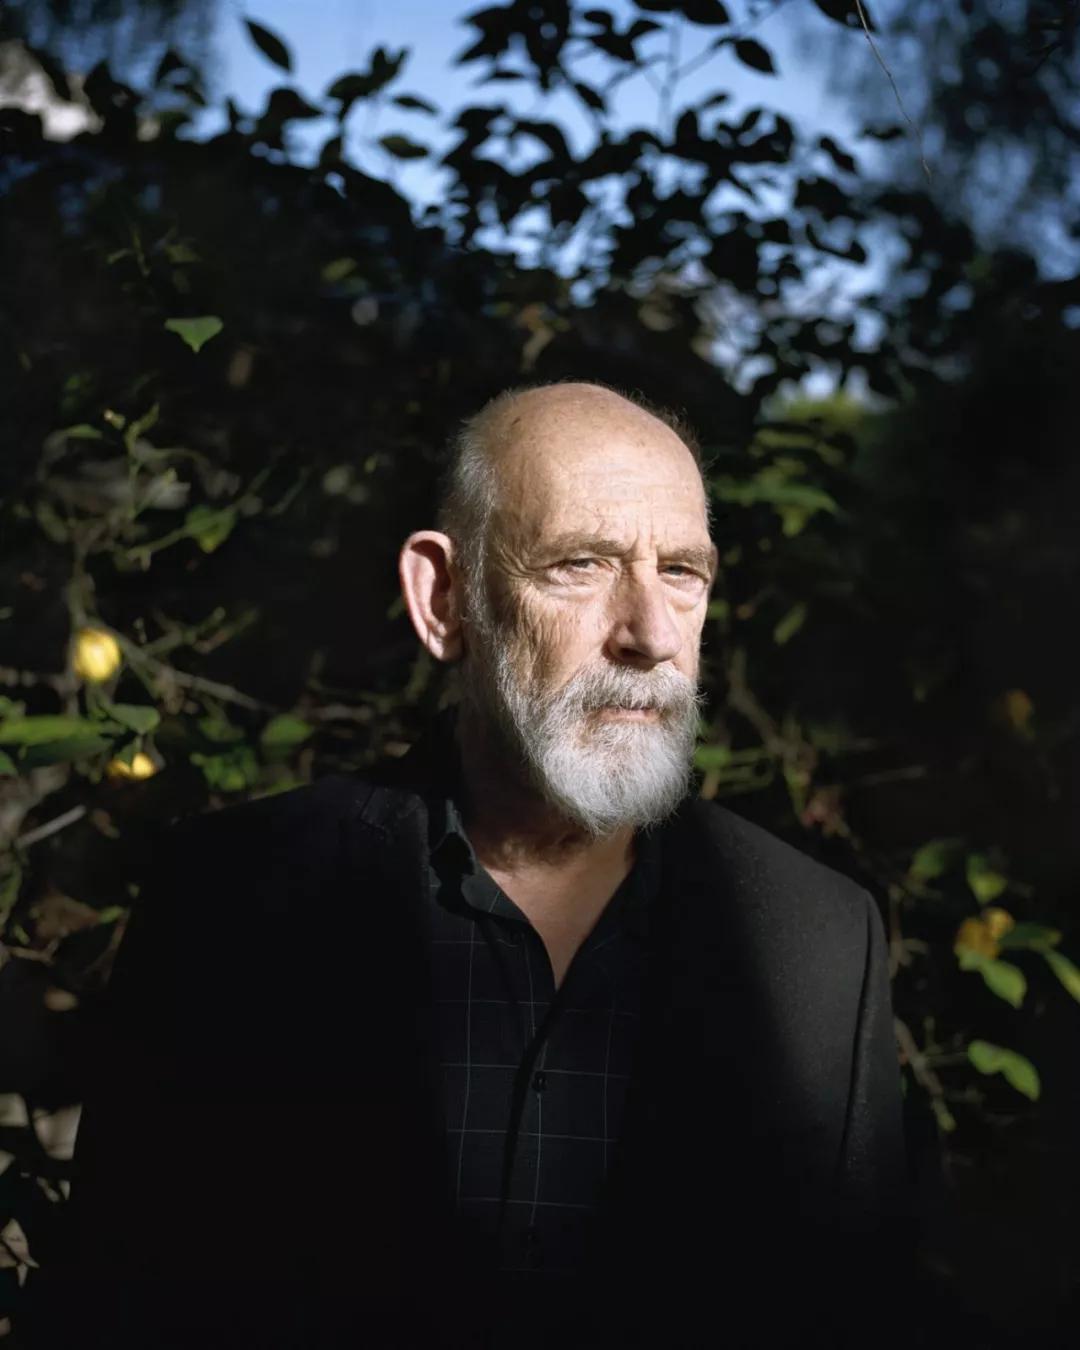 斯坦福大学理论物理学教授伦纳德·萨斯坎德在位于添州帕洛阿尔托的家中。